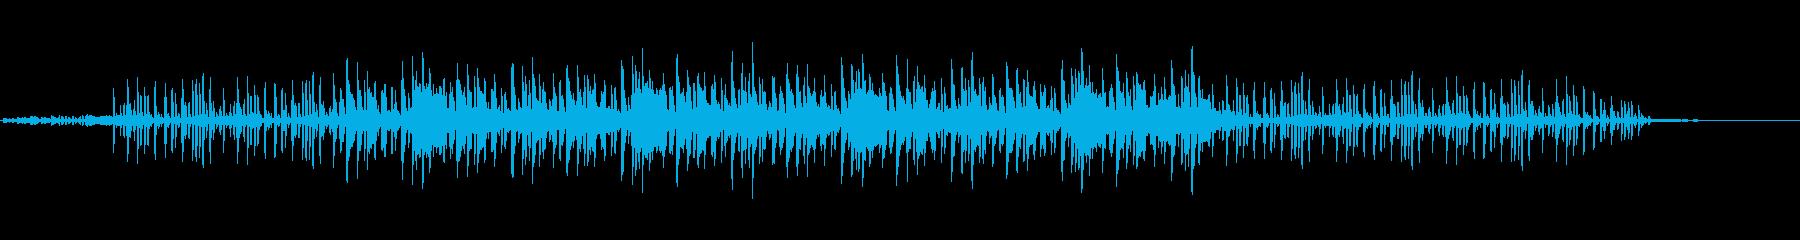 怪しさ漂う不思議なリズムの曲の再生済みの波形